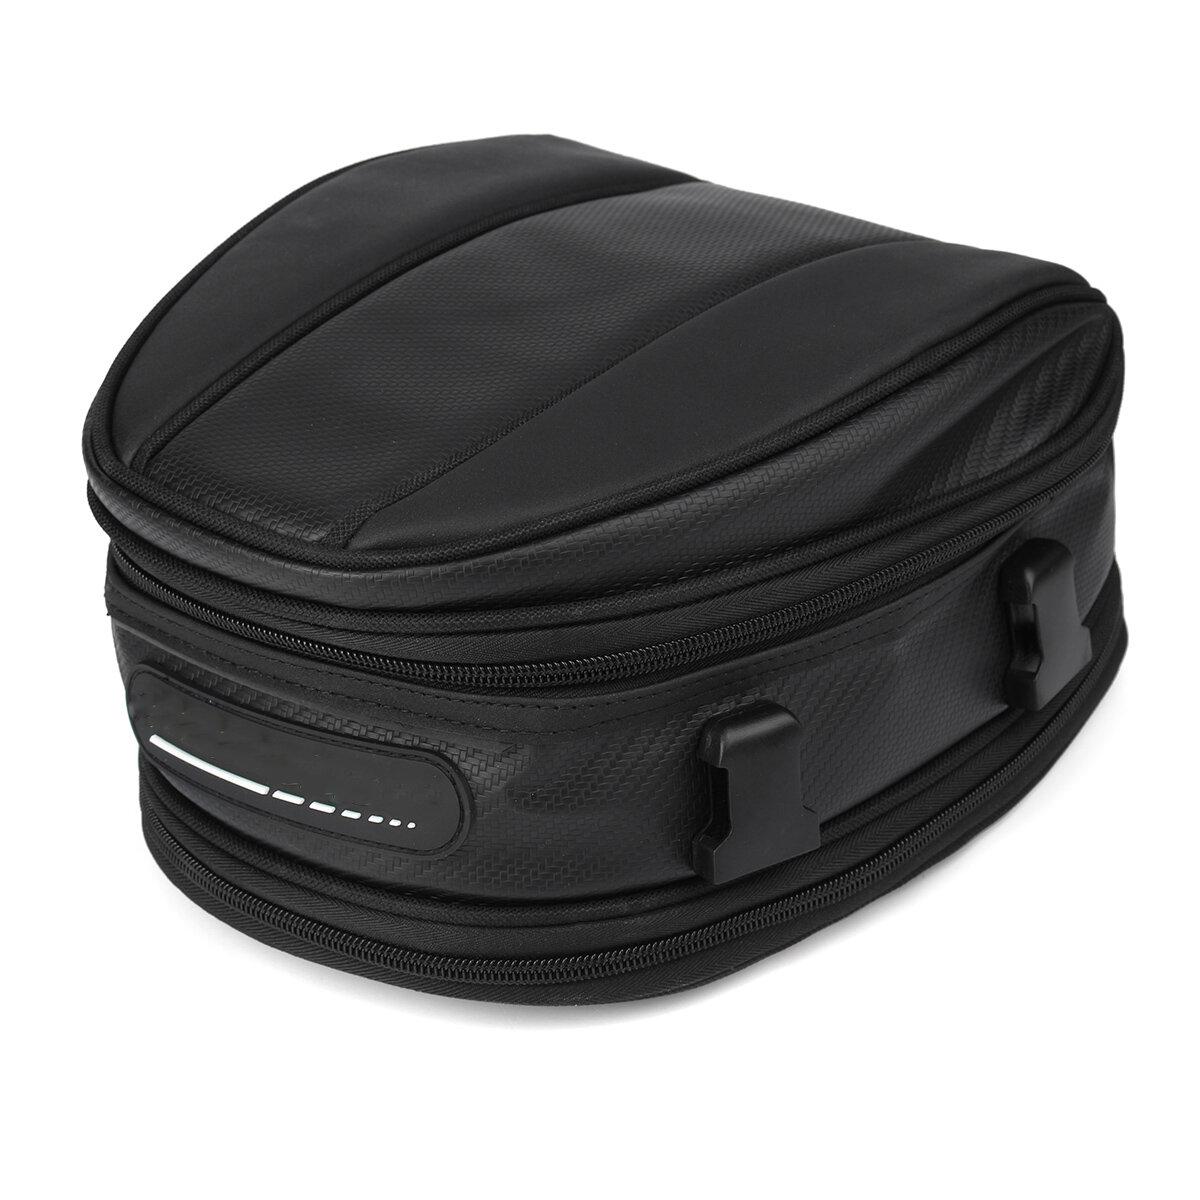 मोटरसाइकिल रियर टेल सीट पैकेज बैक सैडल बैग वॉटरप्रूफ